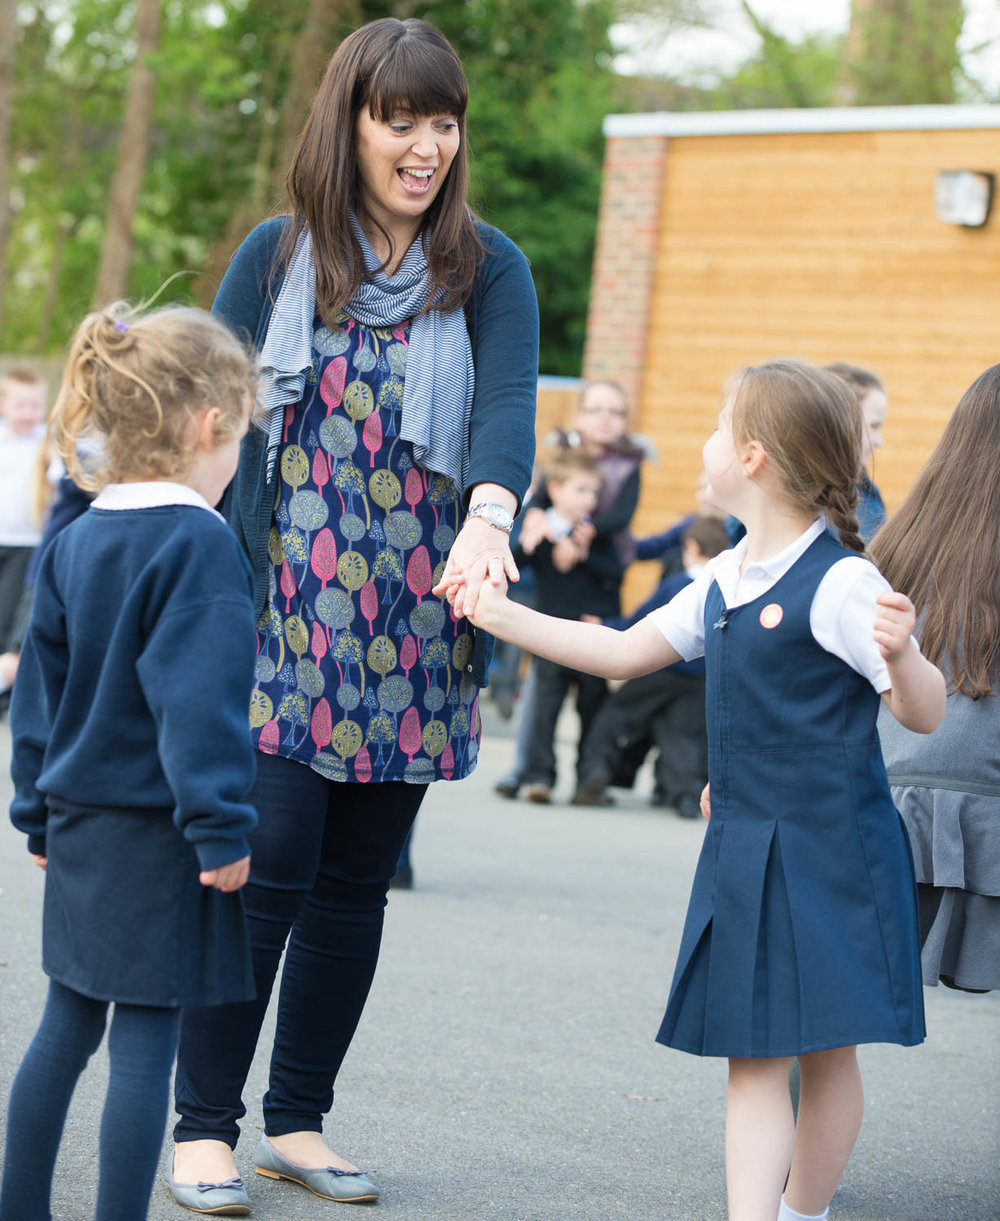 Teacher and children in playground